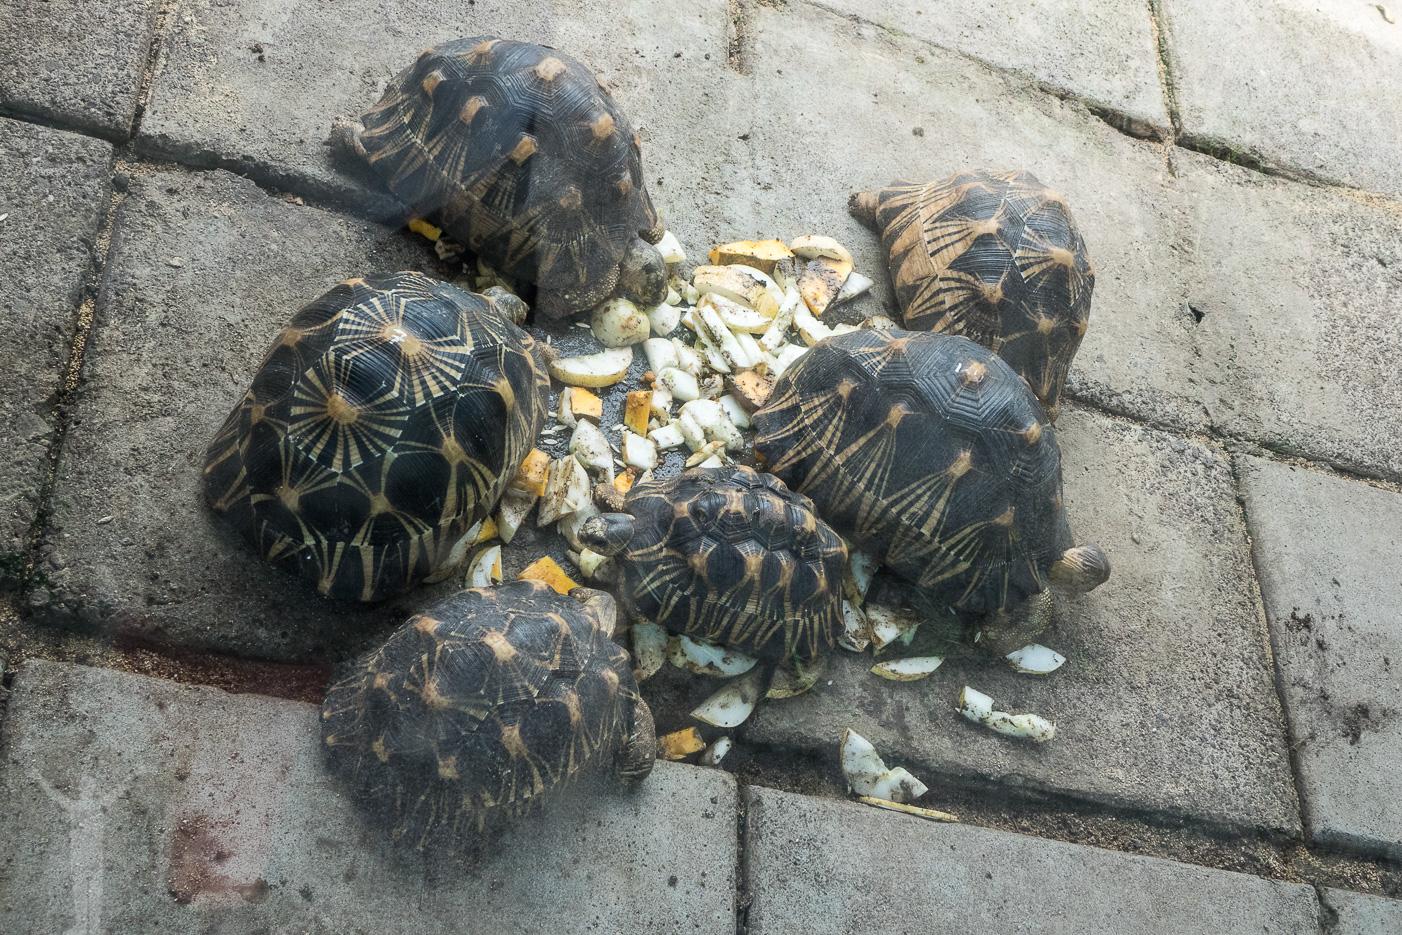 Minisköldpaddor äter lunch